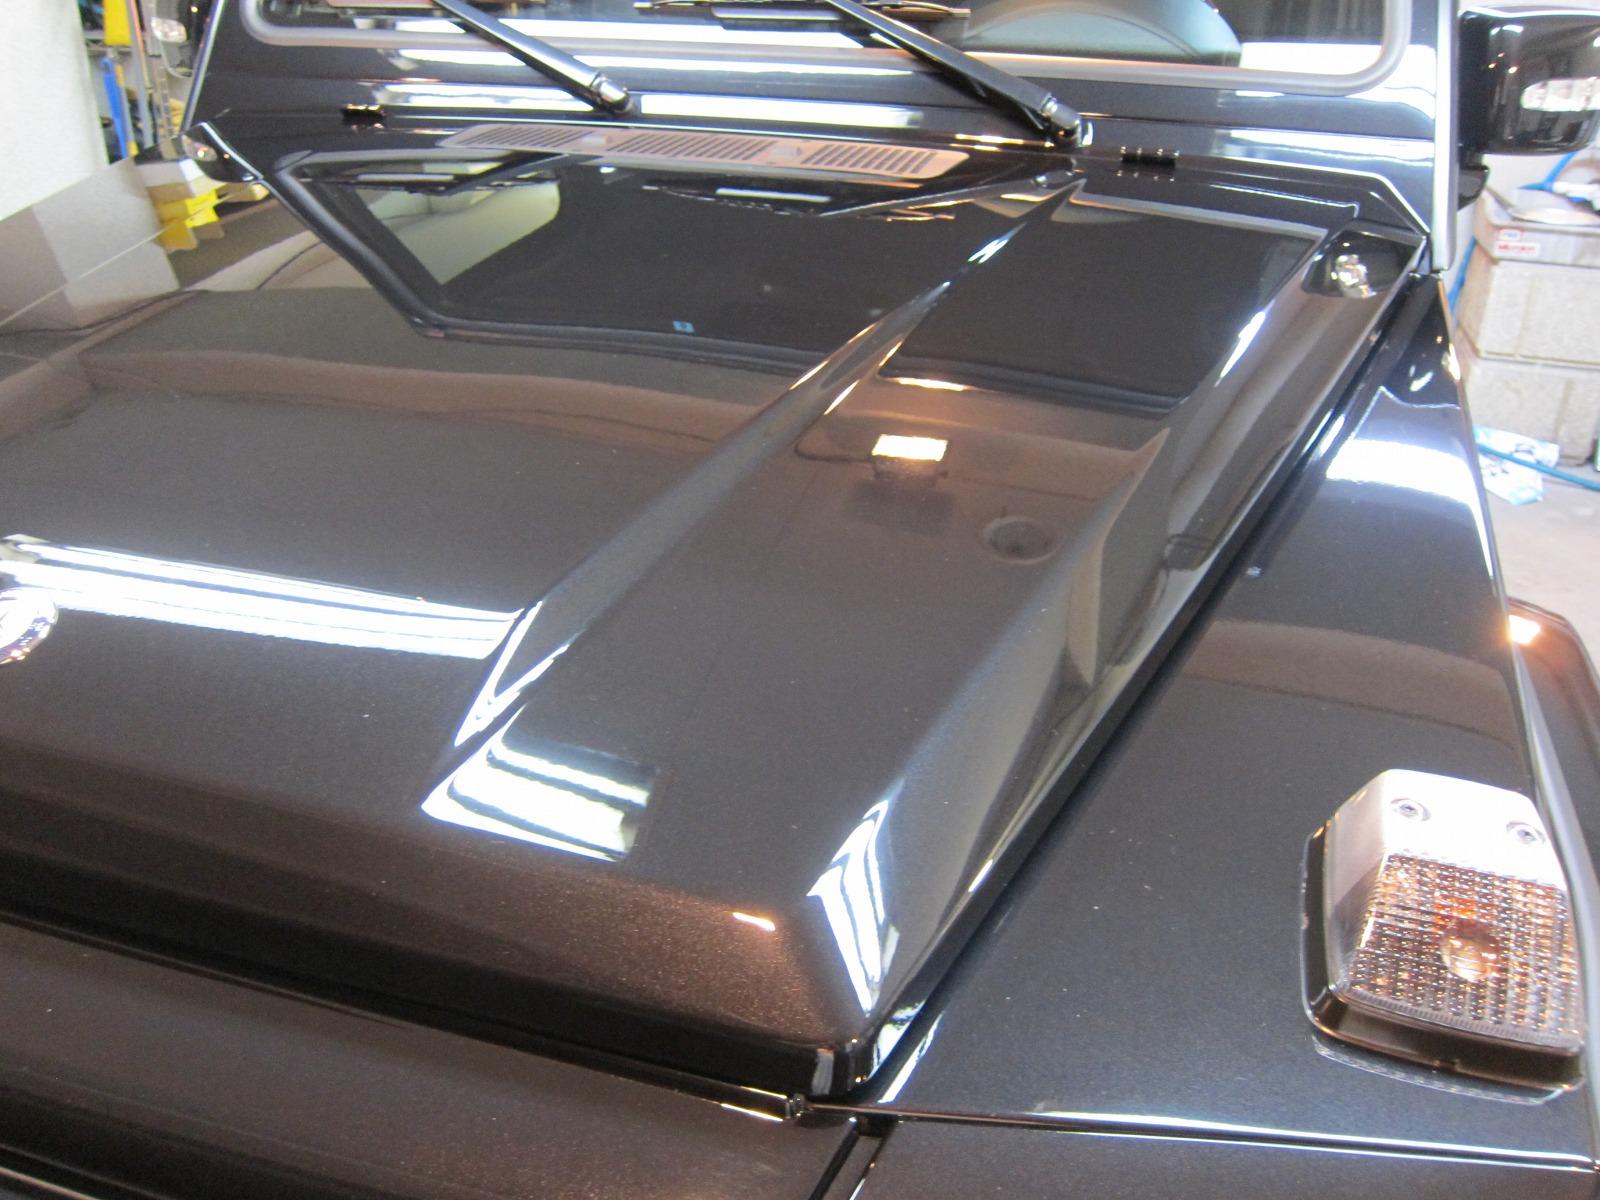 20140124-mercedes-benz-g550-05